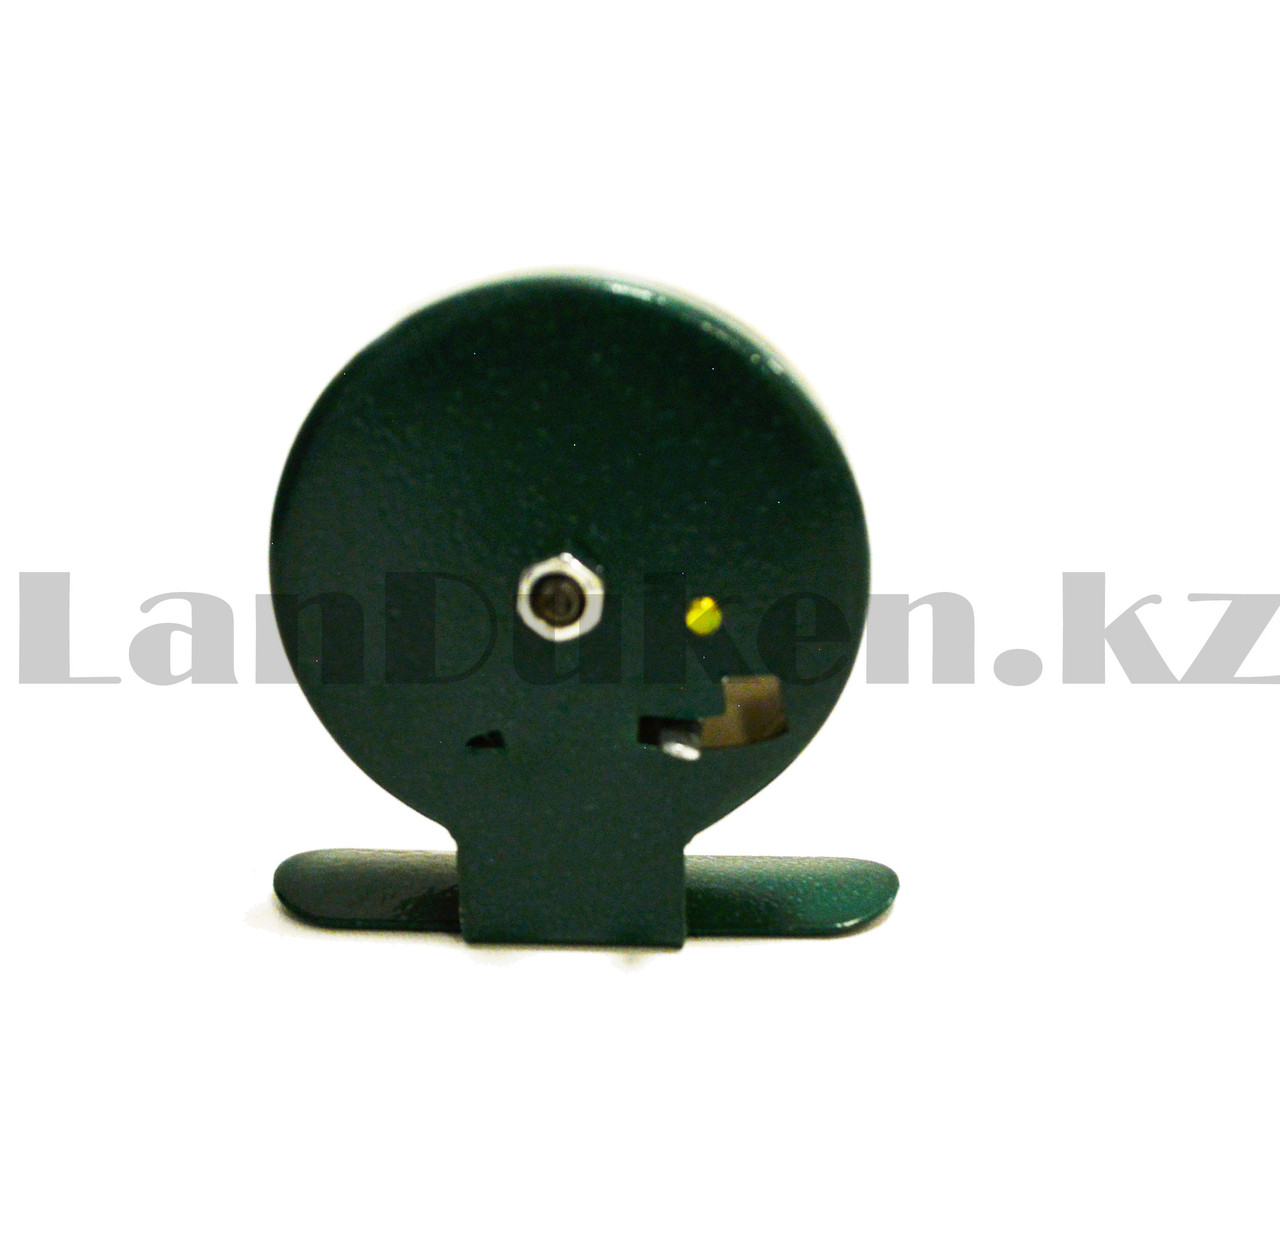 Инерционная катушка для удочки металлическая - фото 5